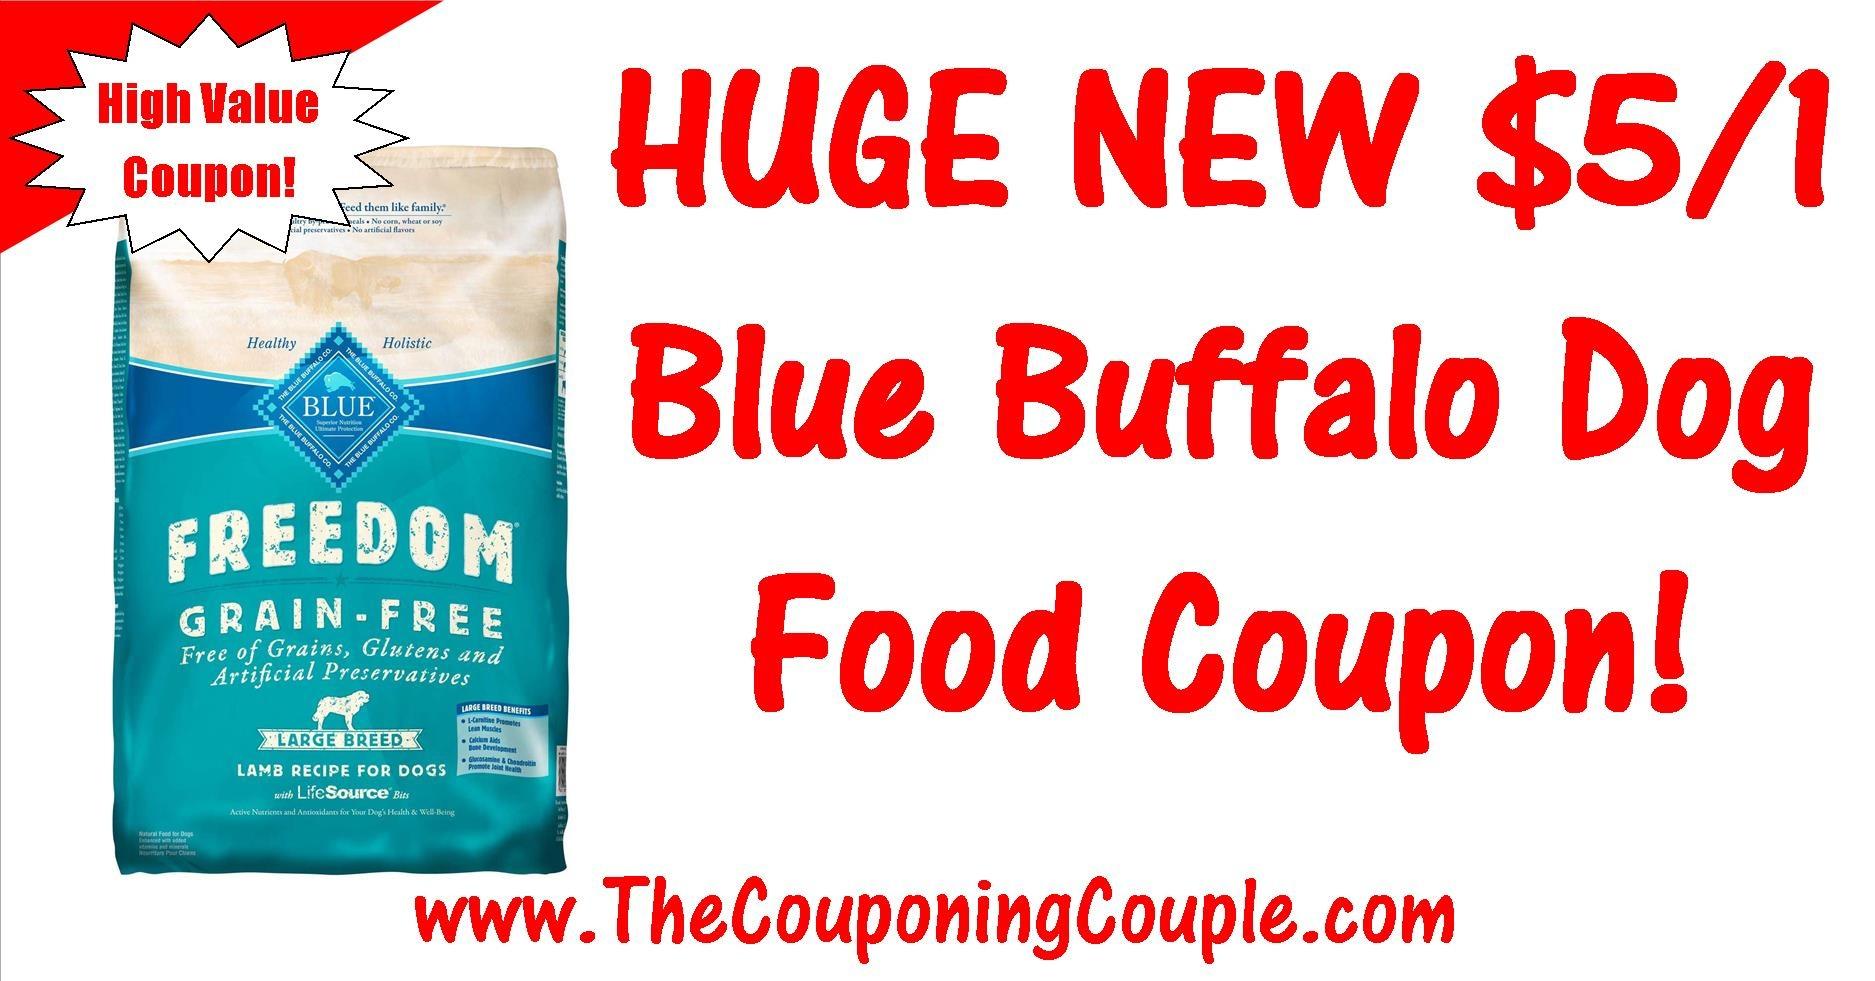 Huge Blue Buffalo Dog Food Printable Coupon ~ $5.00/1 Coupon! - Free High Value Printable Coupons